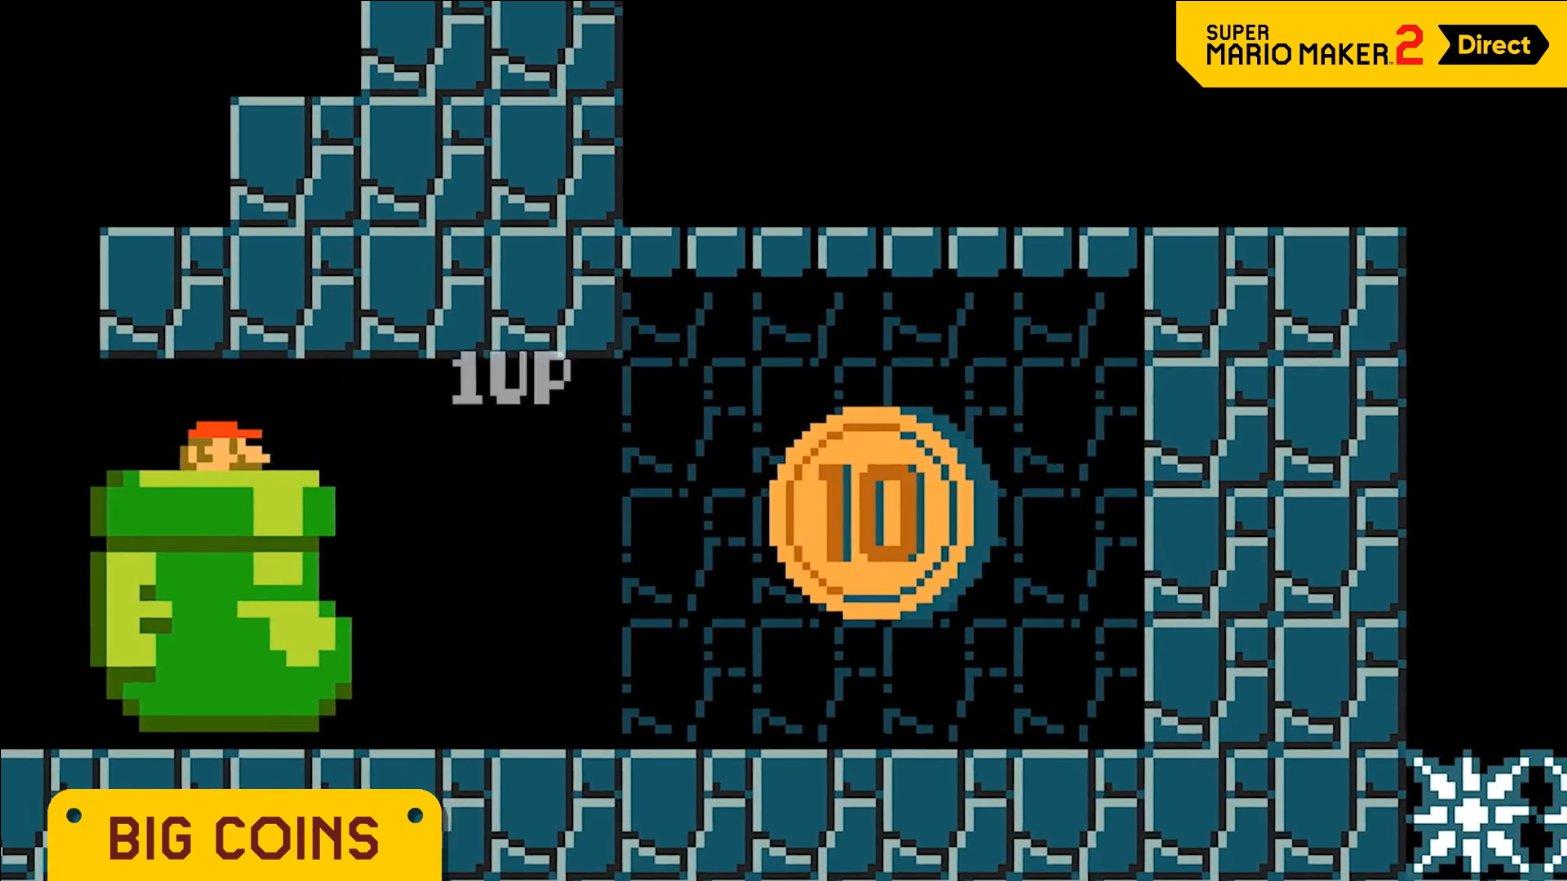 big coins Super Mario Maker 2